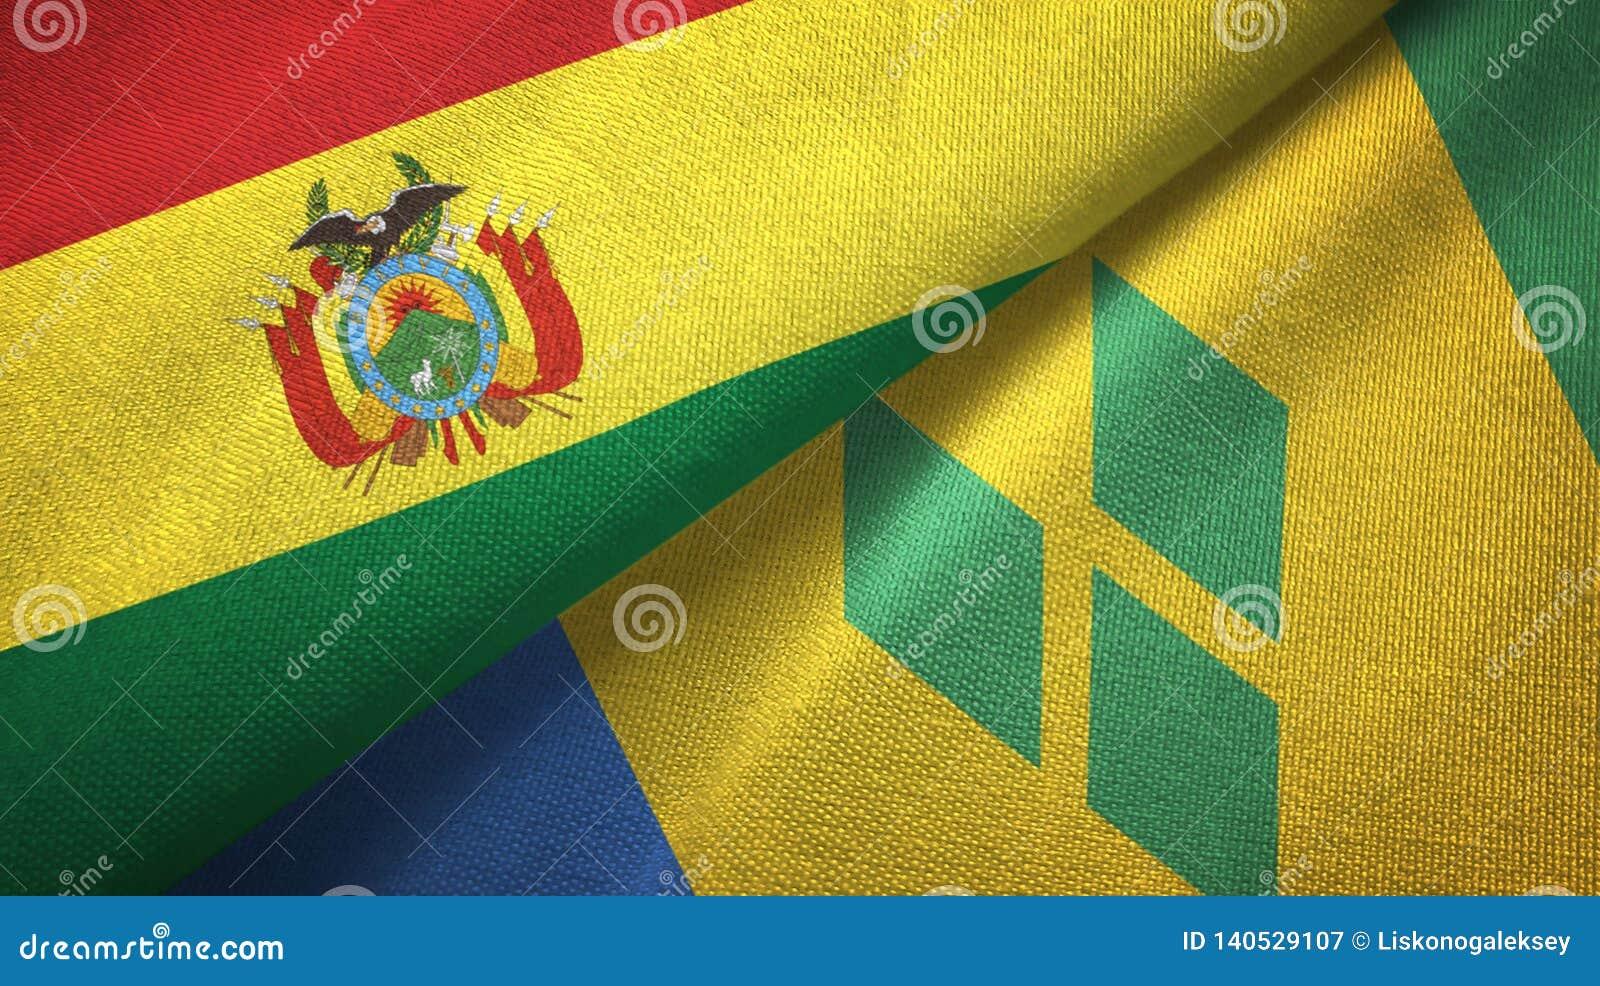 Βολιβία και Άγιος Βικέντιος και Γρεναδίνες δύο υφαντικό ύφασμα σημαιών